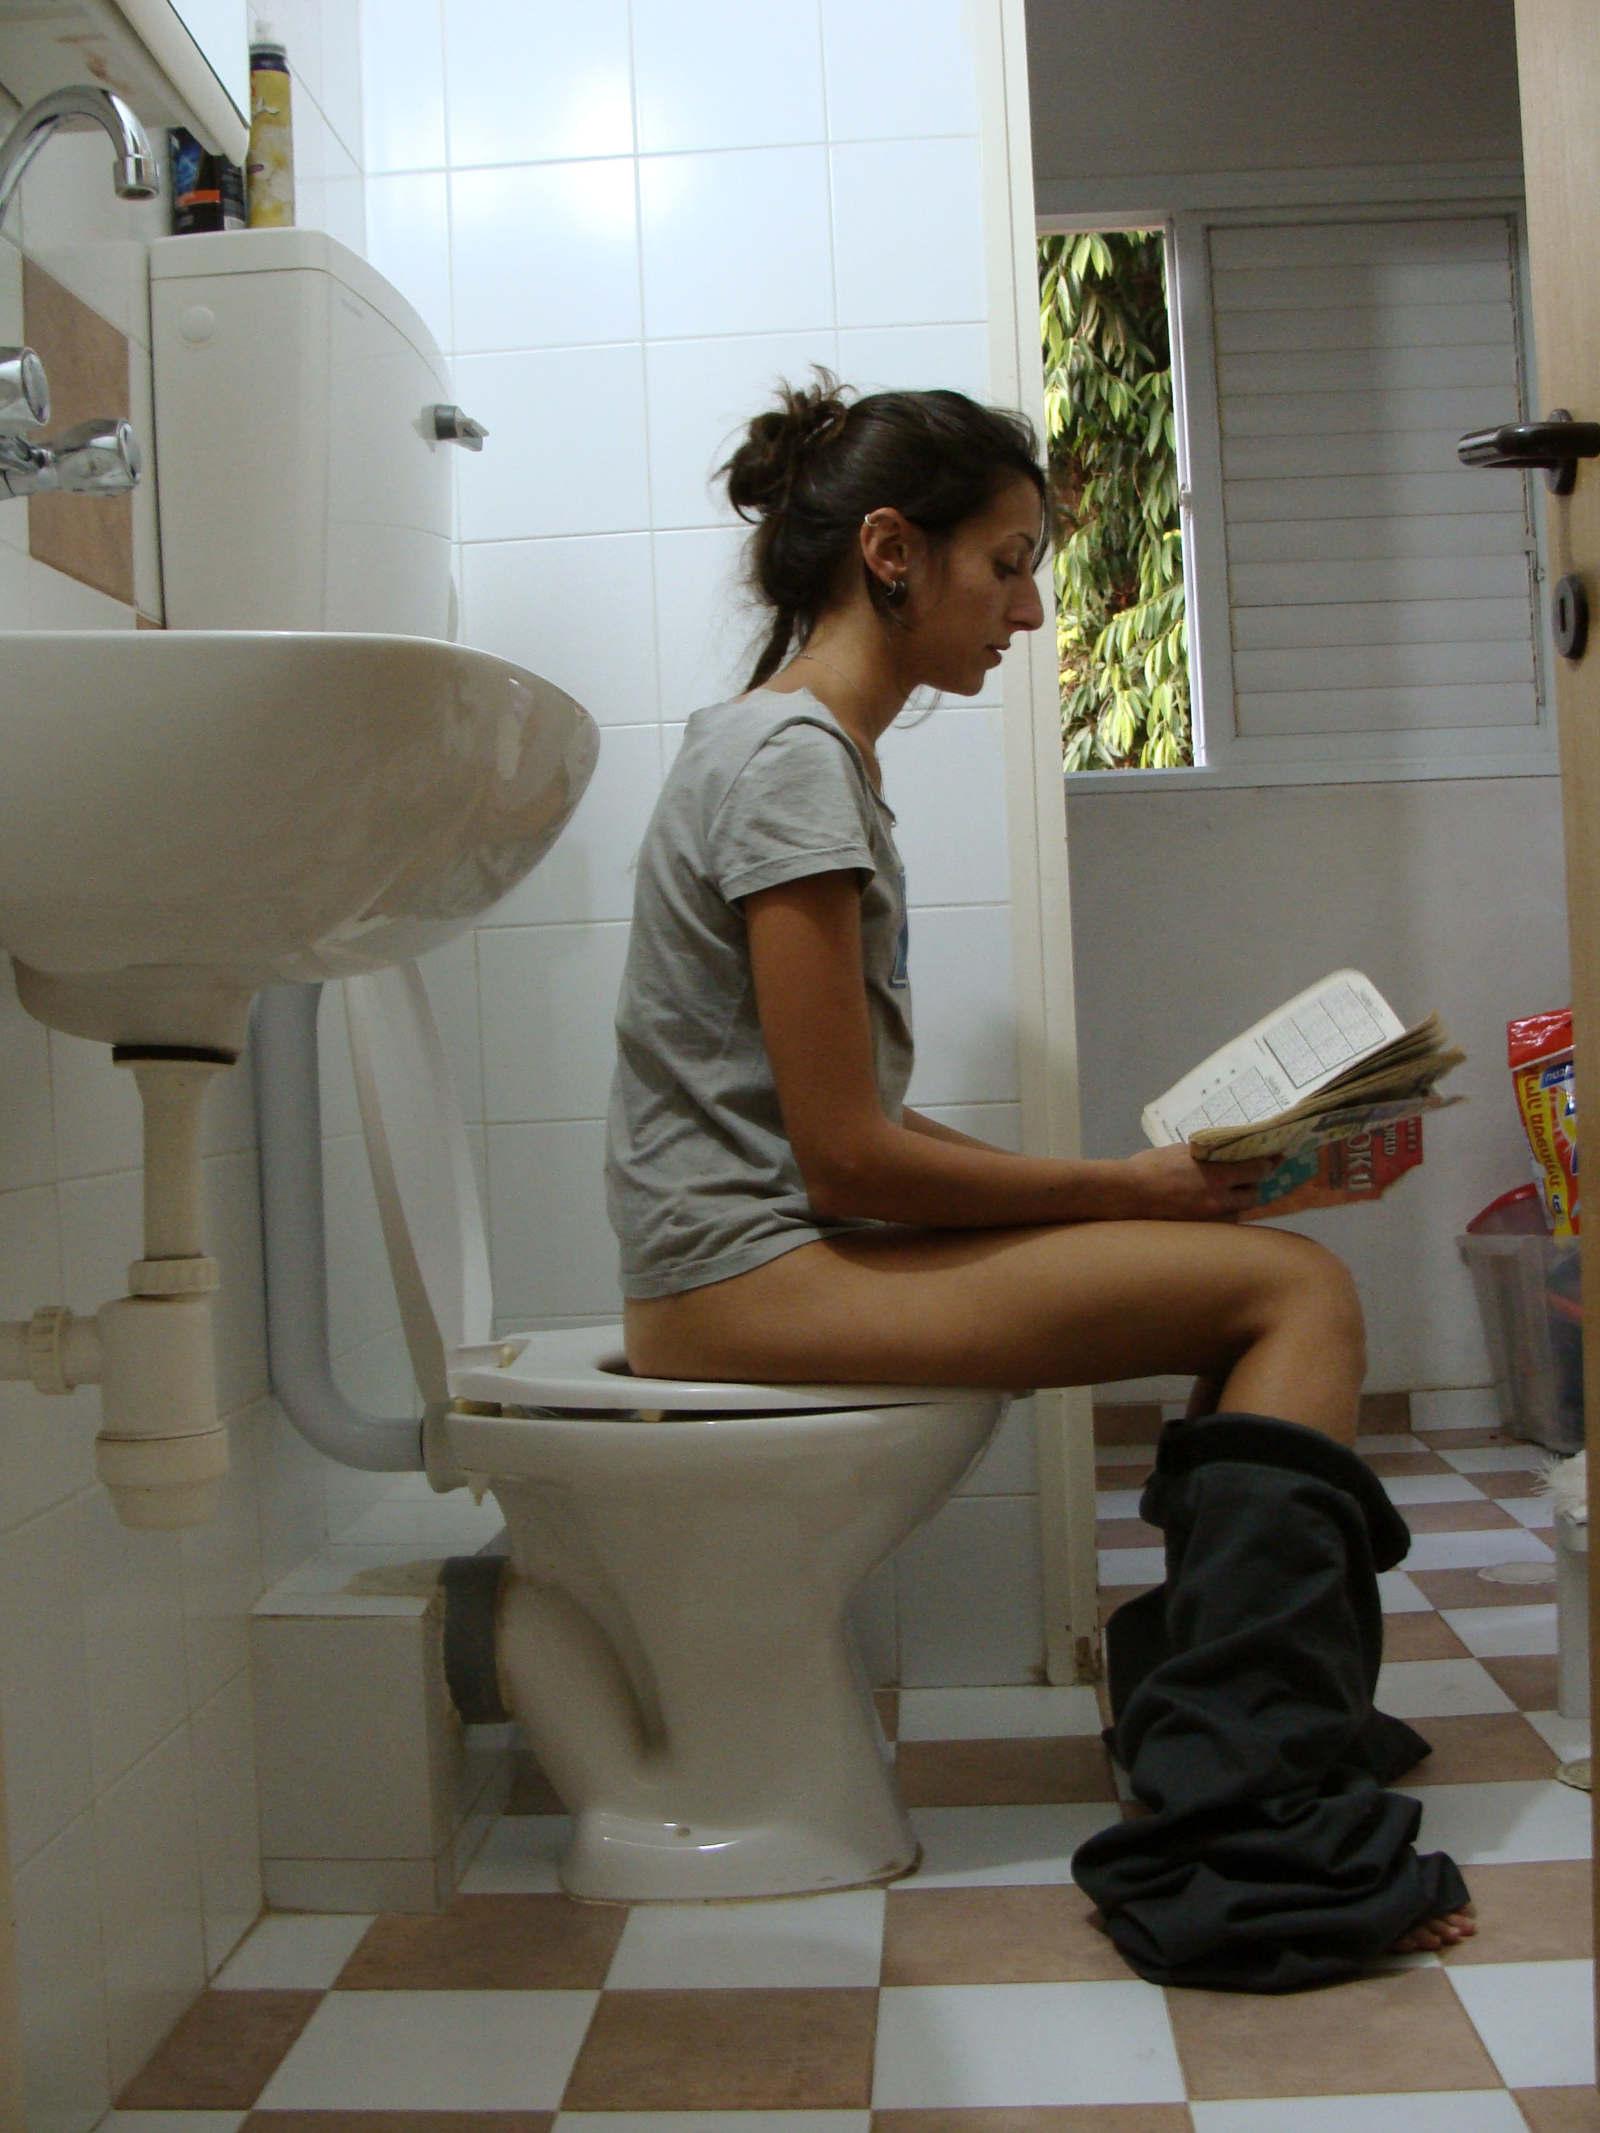 Toilet Stool Michal Levitzky Protfolio